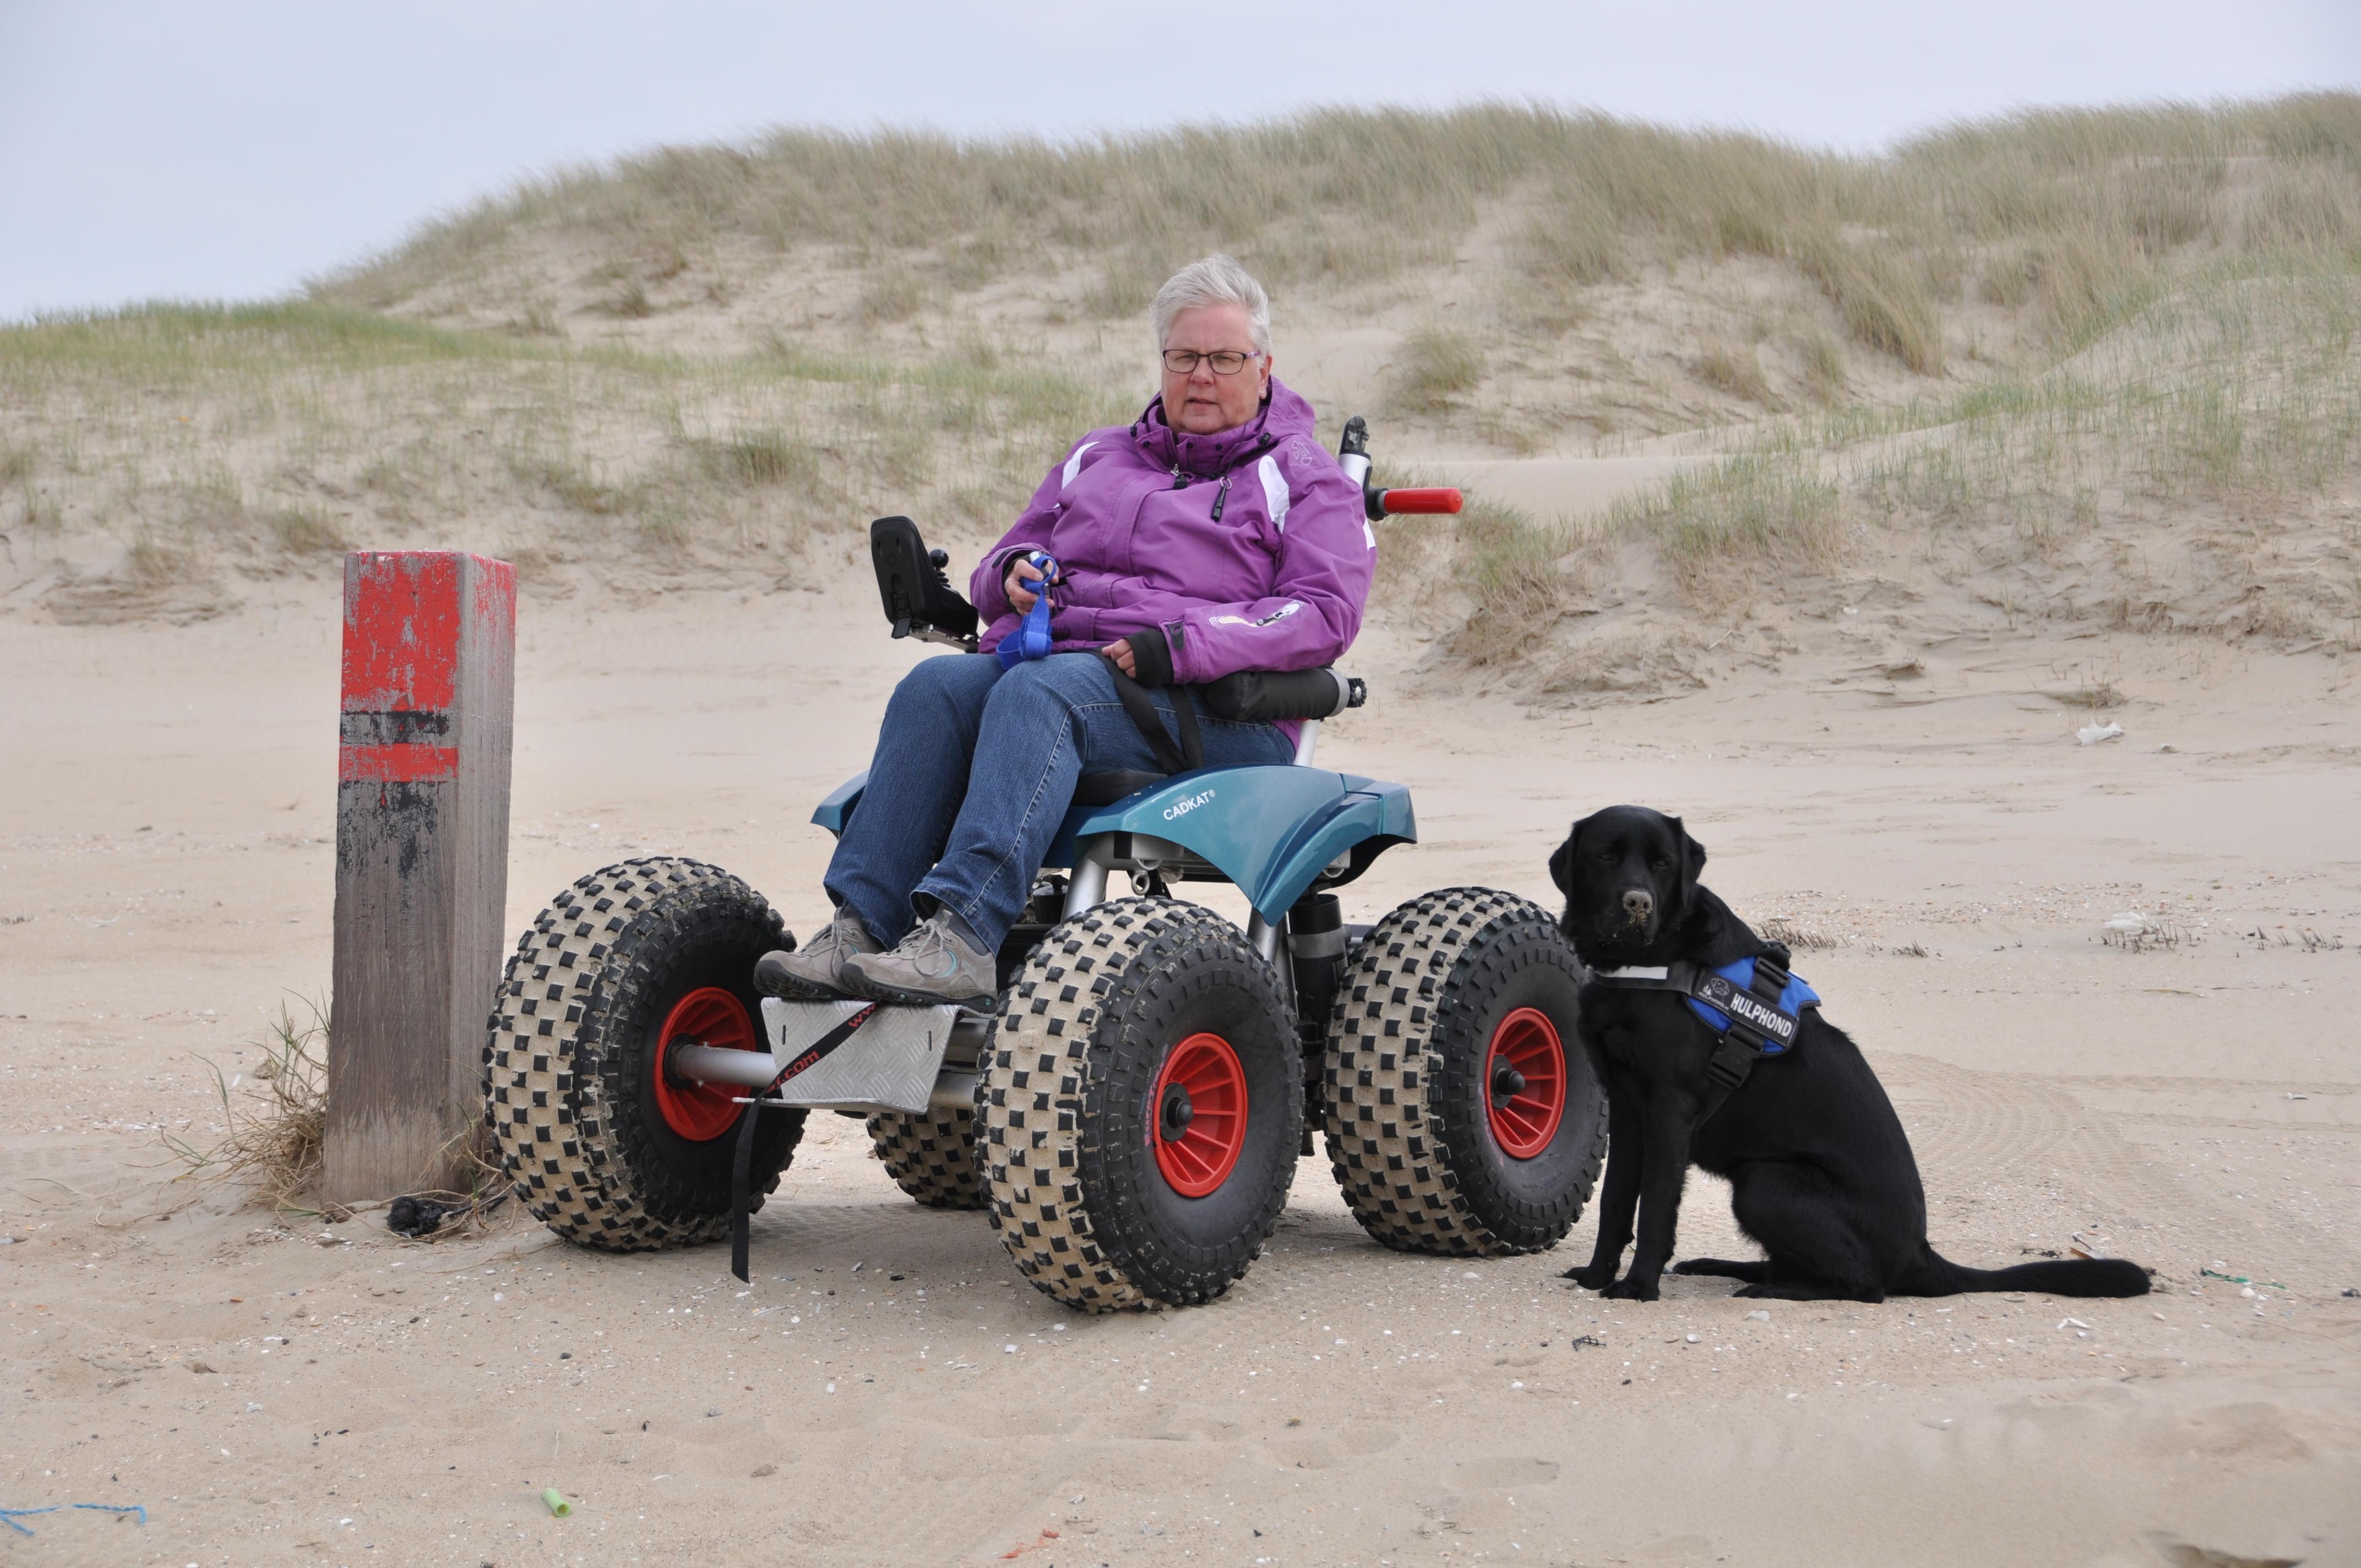 Met de Cadweazle op het strand VVV Texel fotograaf Ans van de Snepscheut